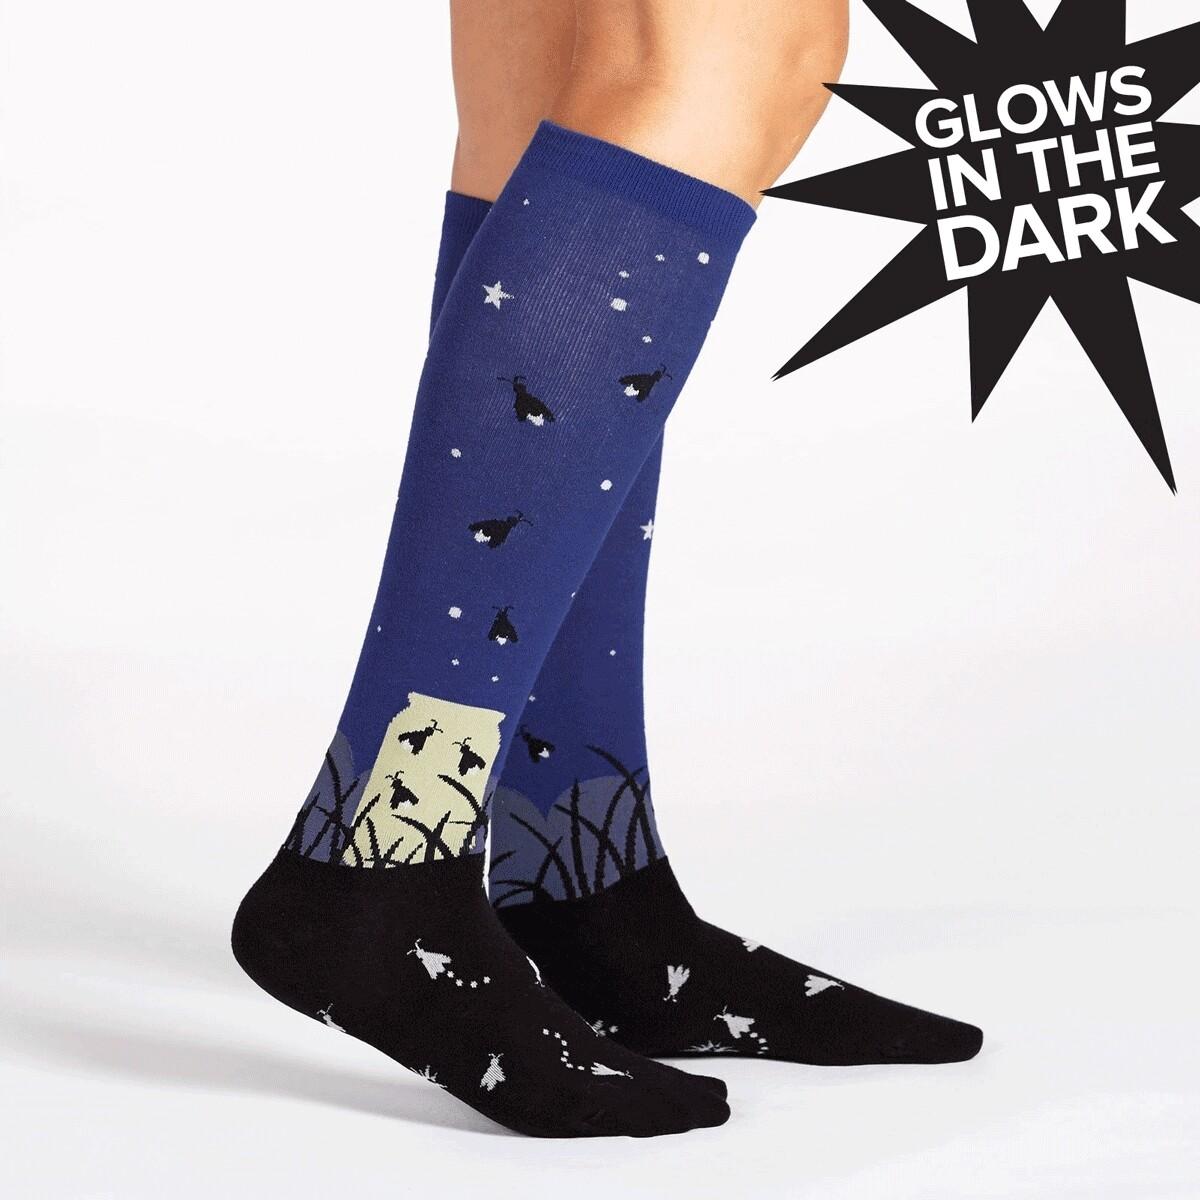 Sock It To Me - Women's STRETCH-IT Wide Calf Knee-high Socks   Nightlight